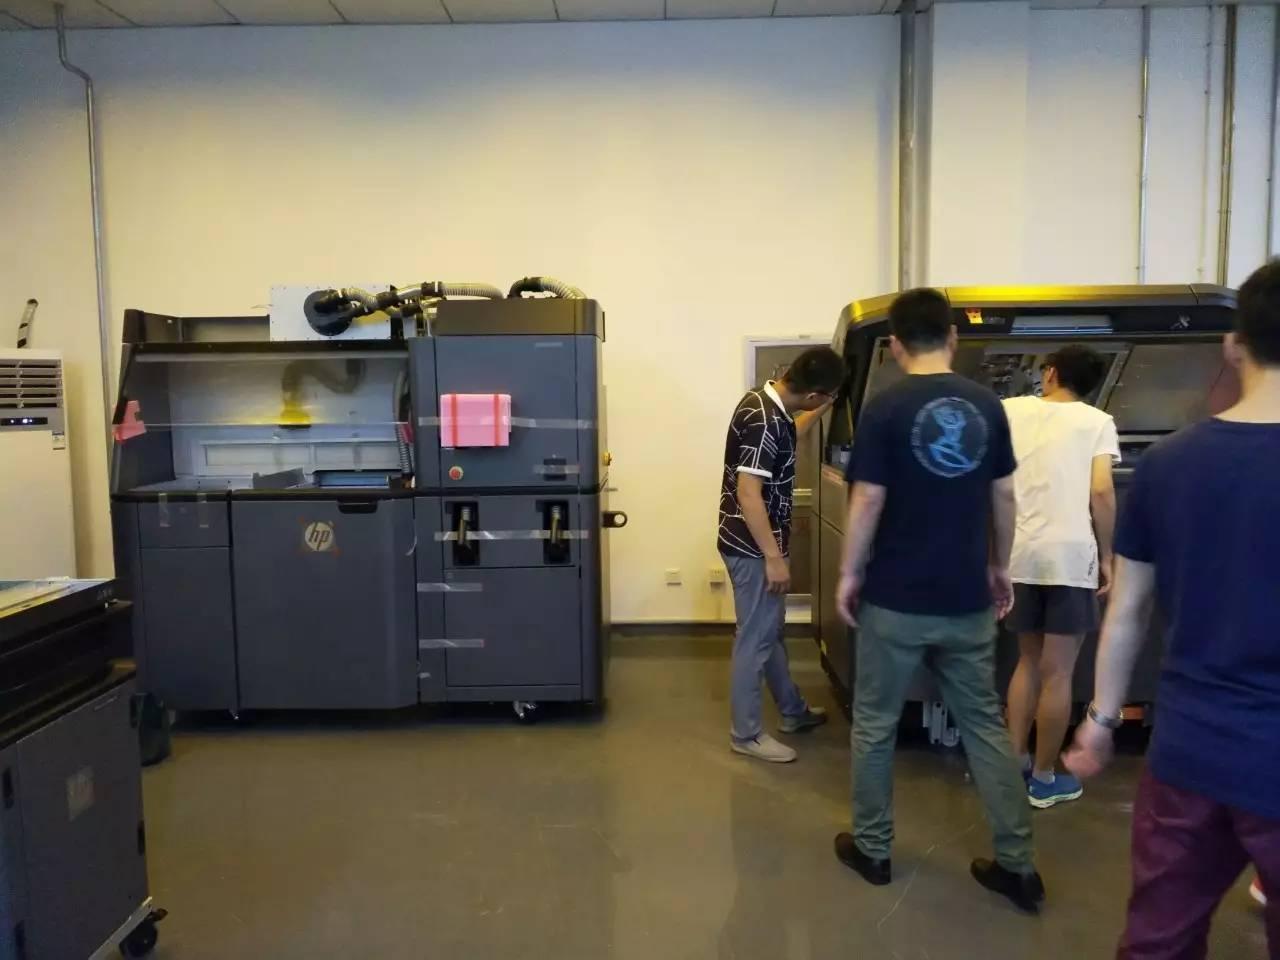 国内第一台惠普3d打印机如约无限青岛高新区落户三维巴中市消防设计装修公司图片